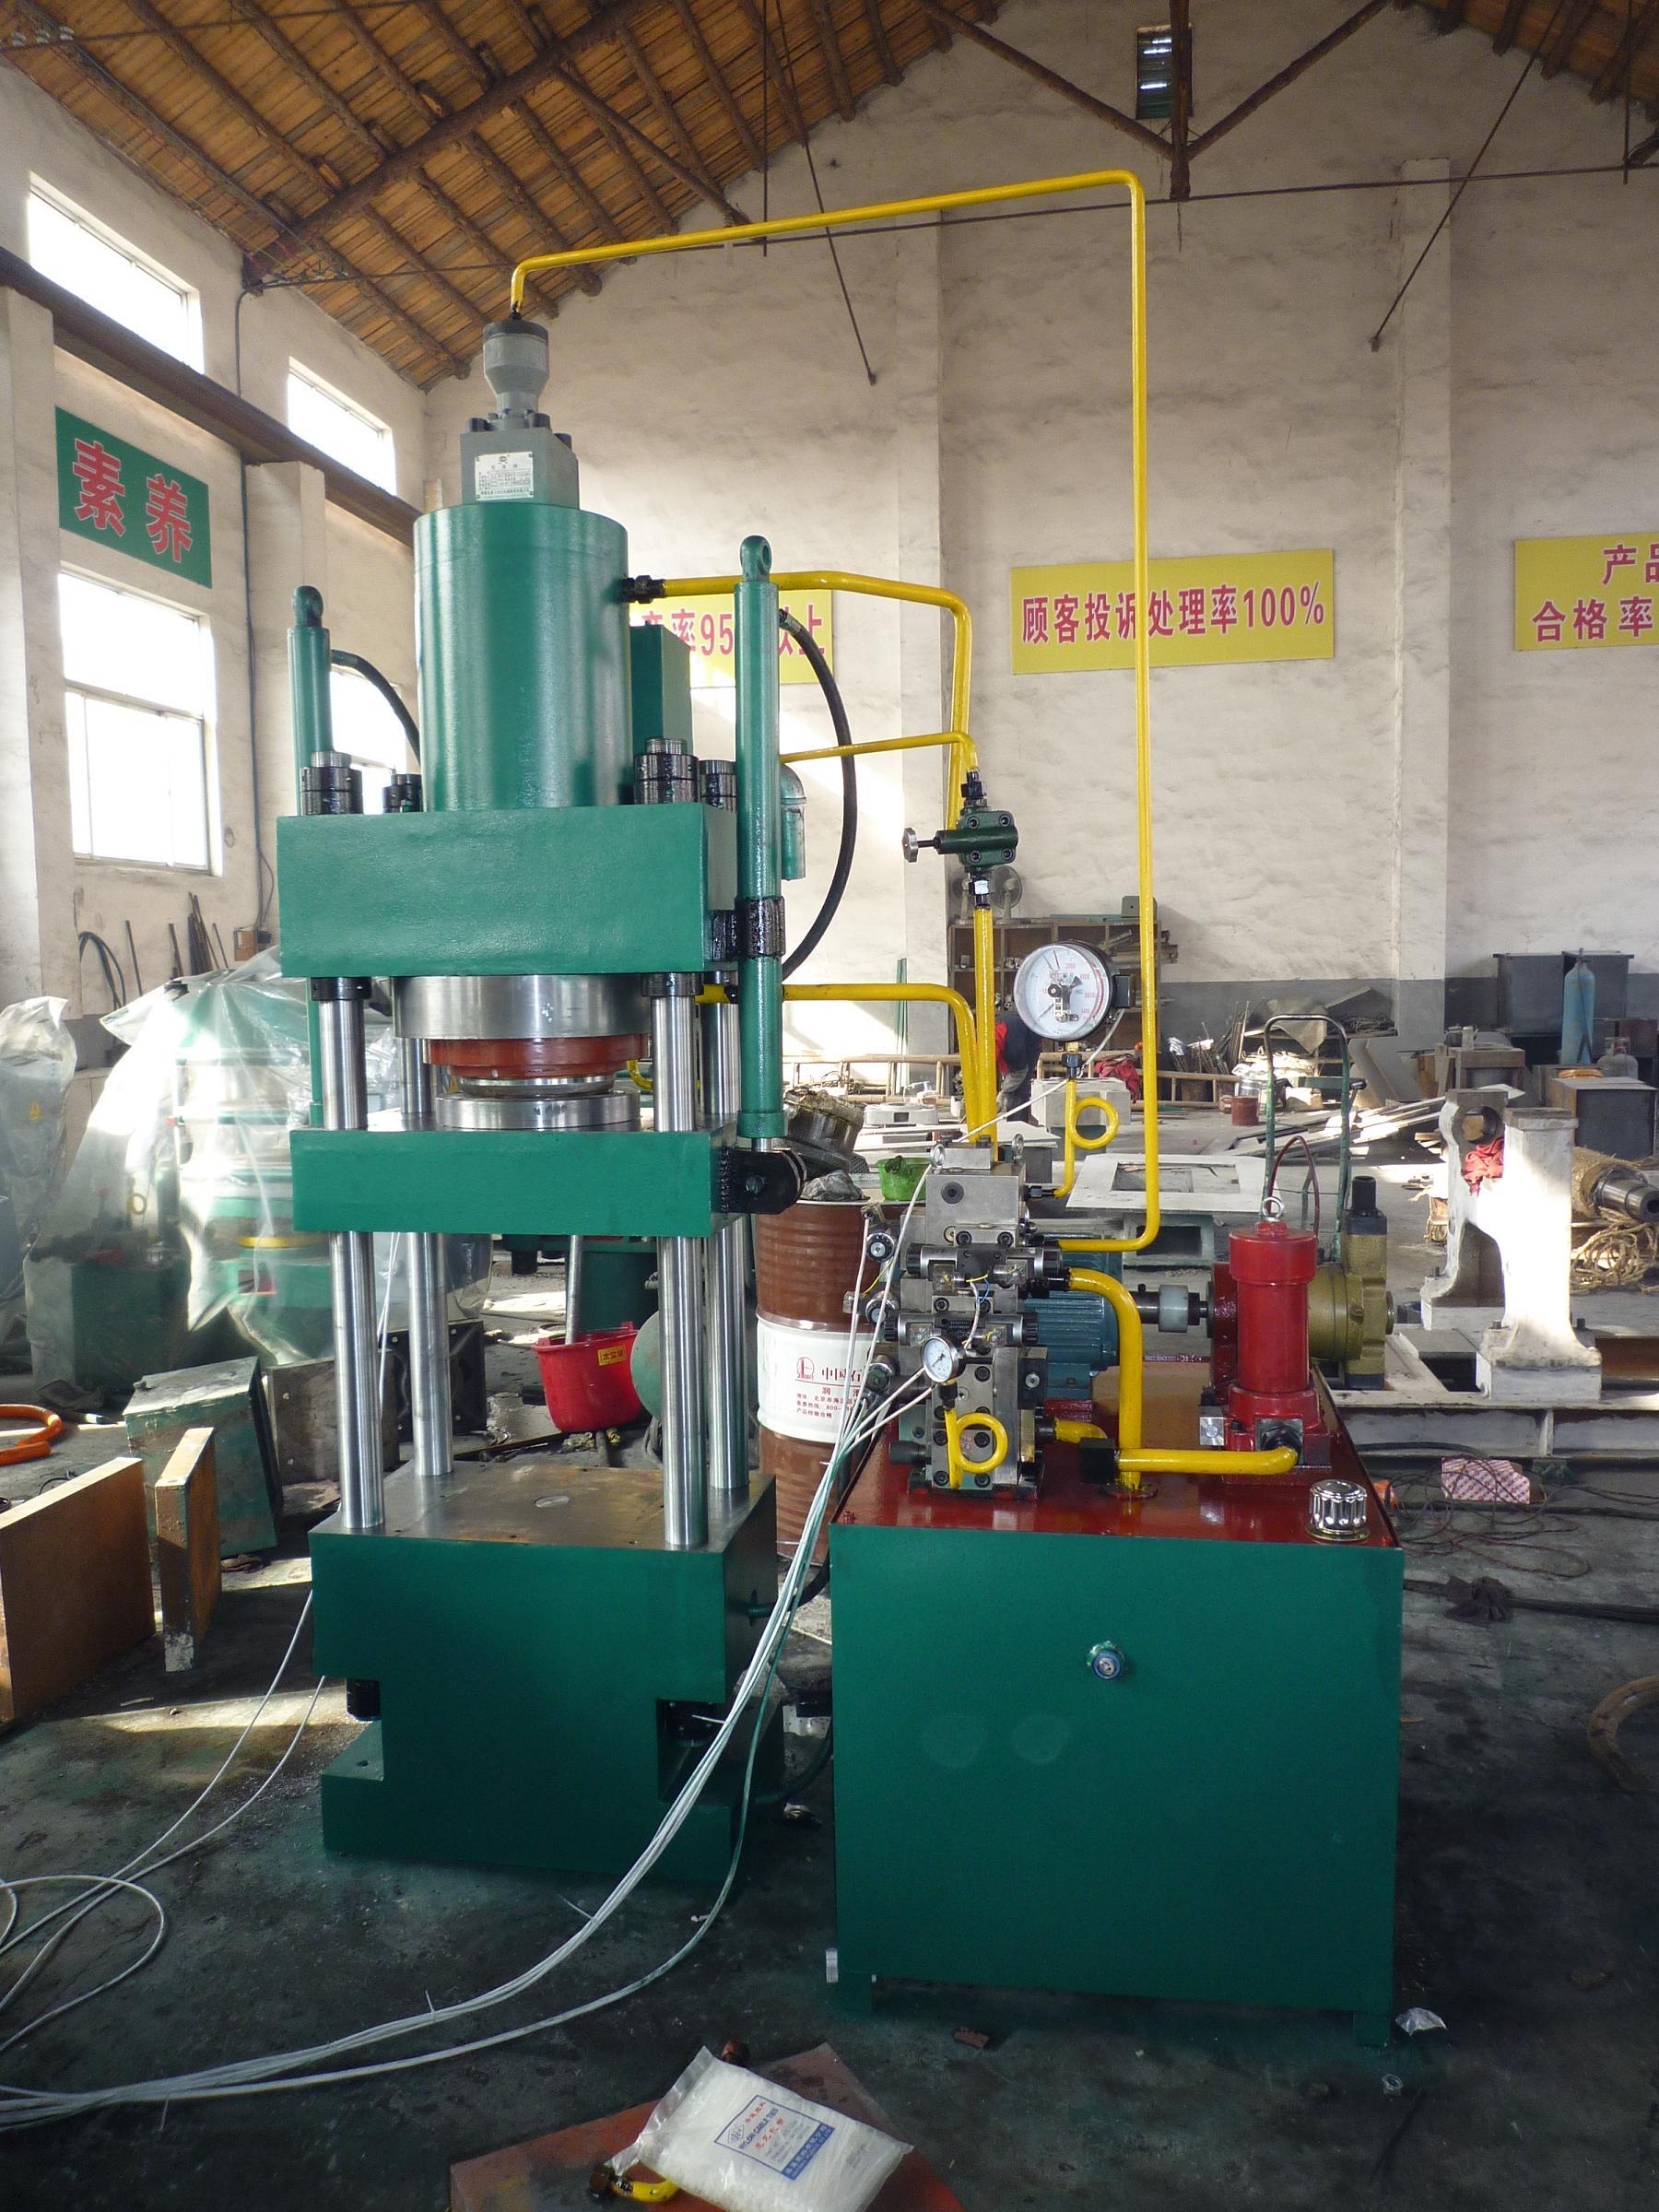 63吨四柱液压机-四柱压力机图片